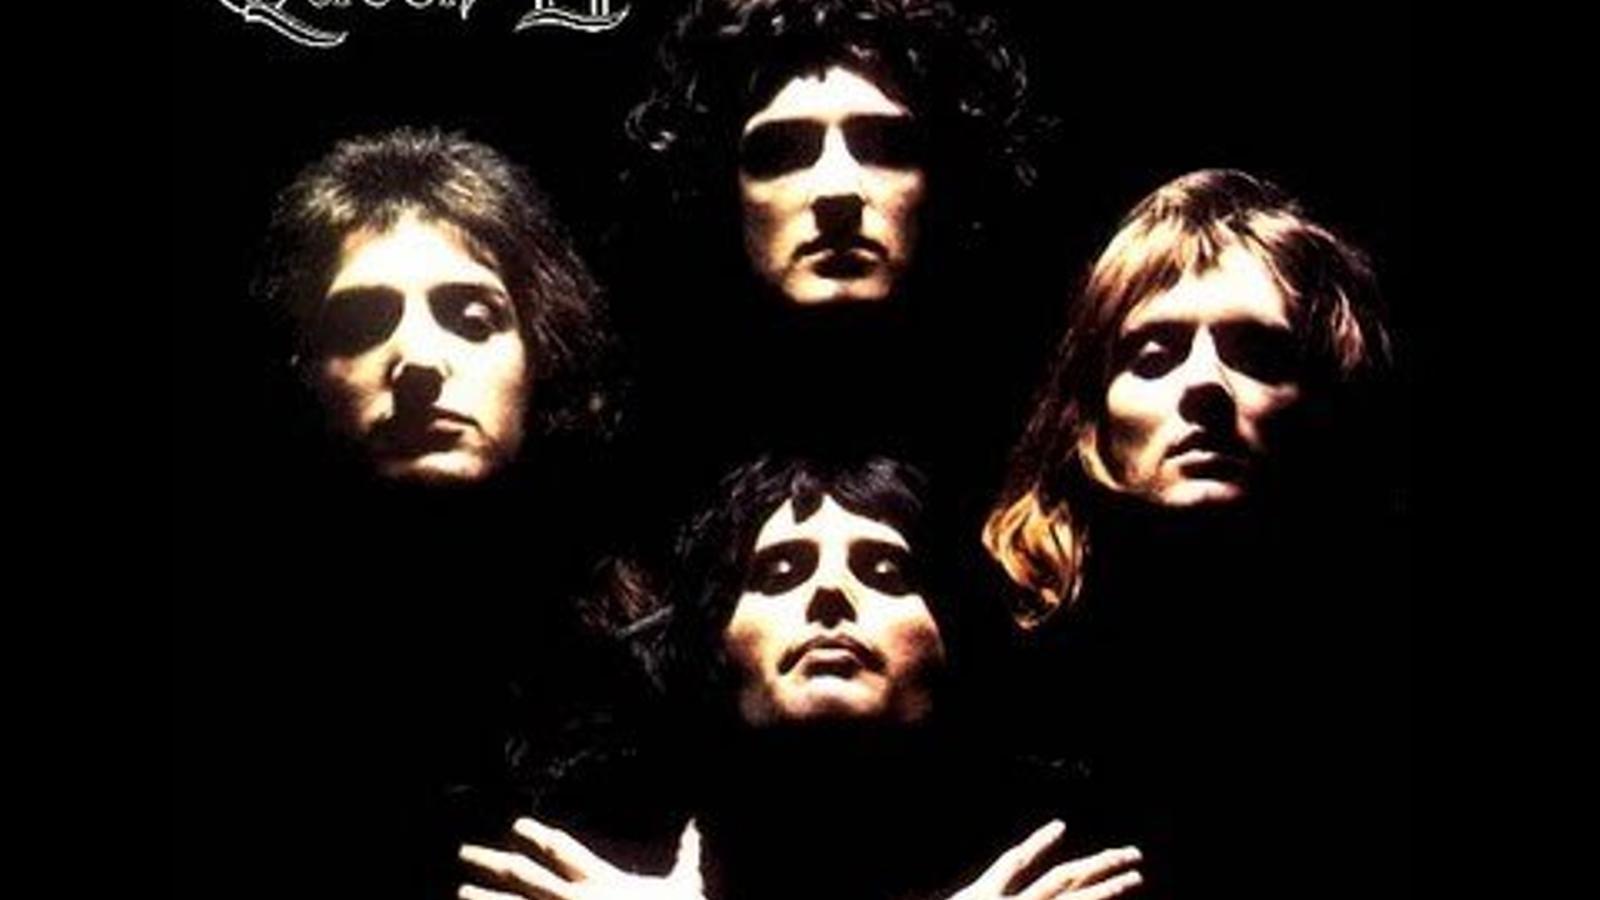 'Bohemian Rhapsody' de Queen, el tema més difós del segle XX